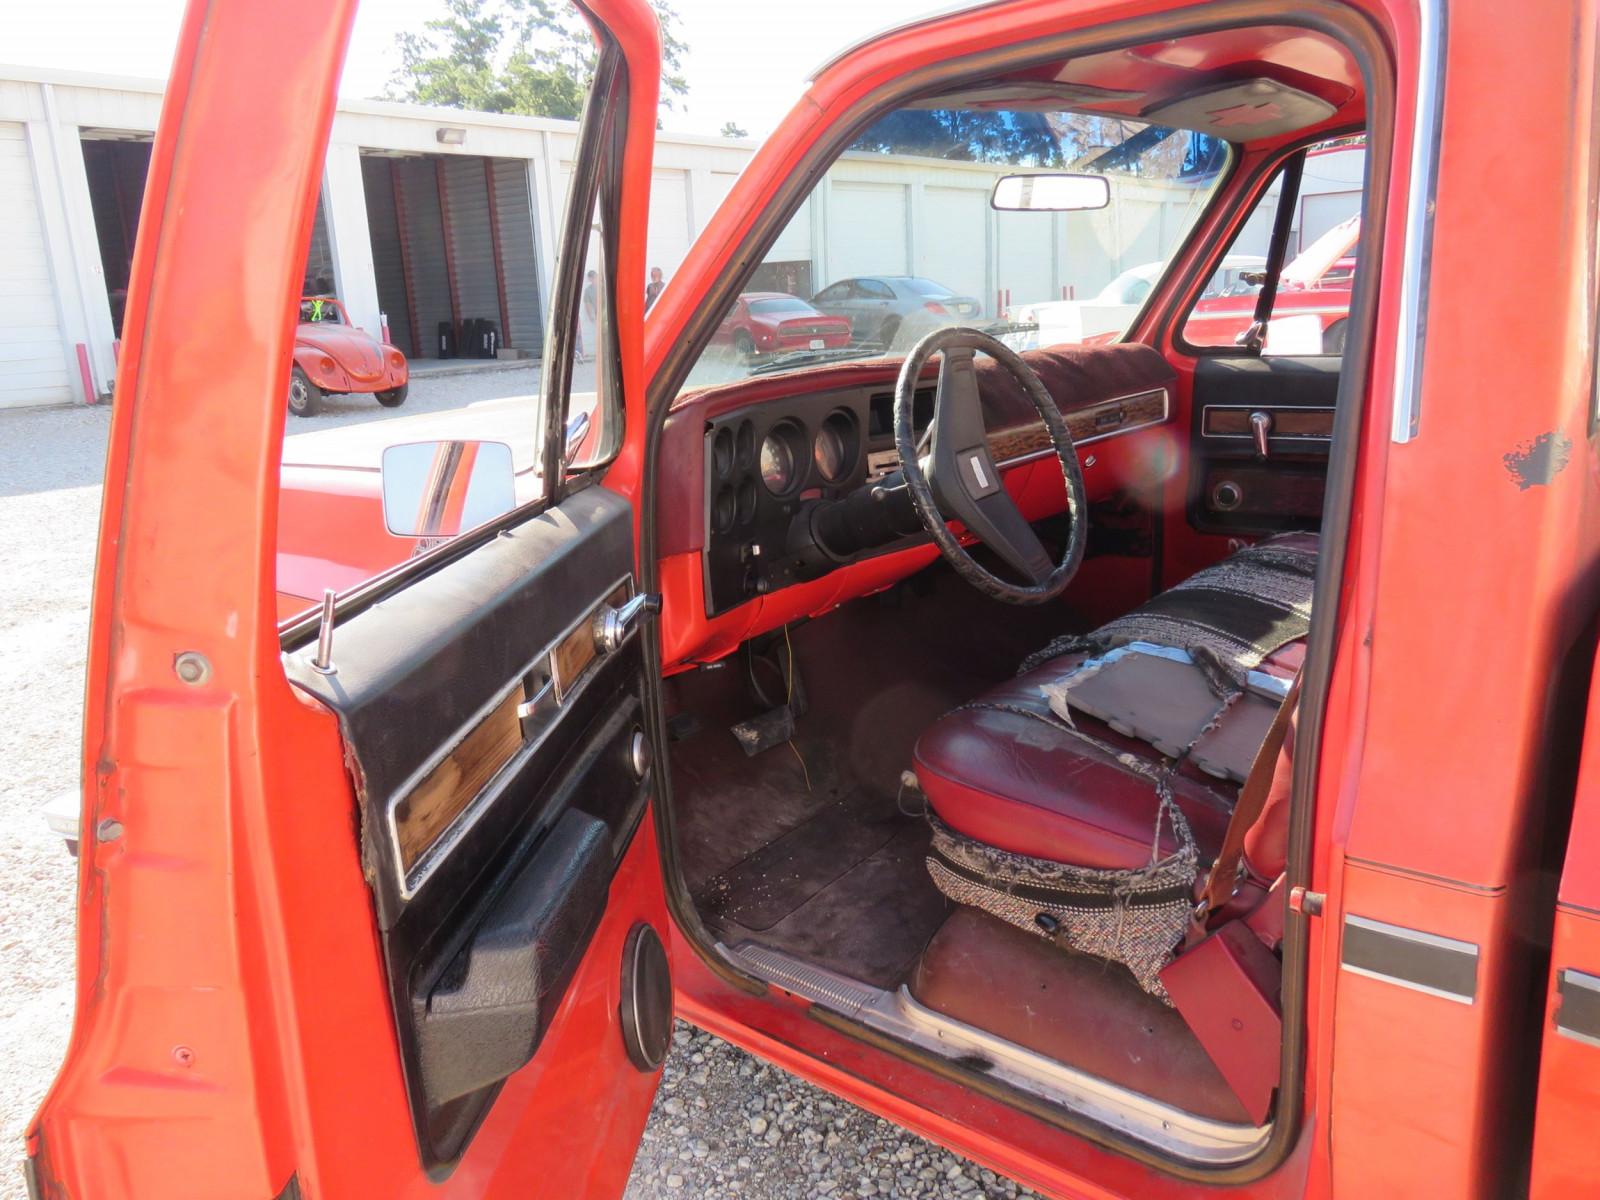 Lot 90tx94 1976 Gmc Sierra Grande 1 2 Ton Pickup Vanderbrink Chevy Truck Image 7